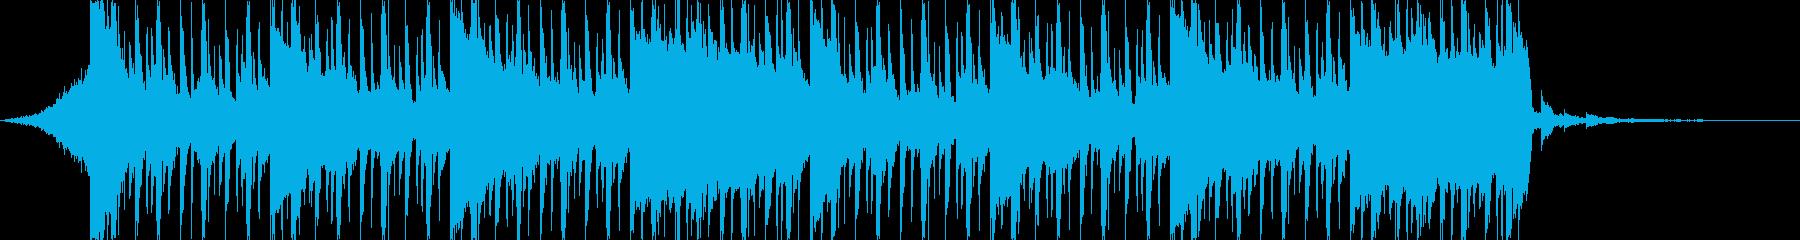 企業VP向け、爽やかポップ4つ打ち7-2の再生済みの波形